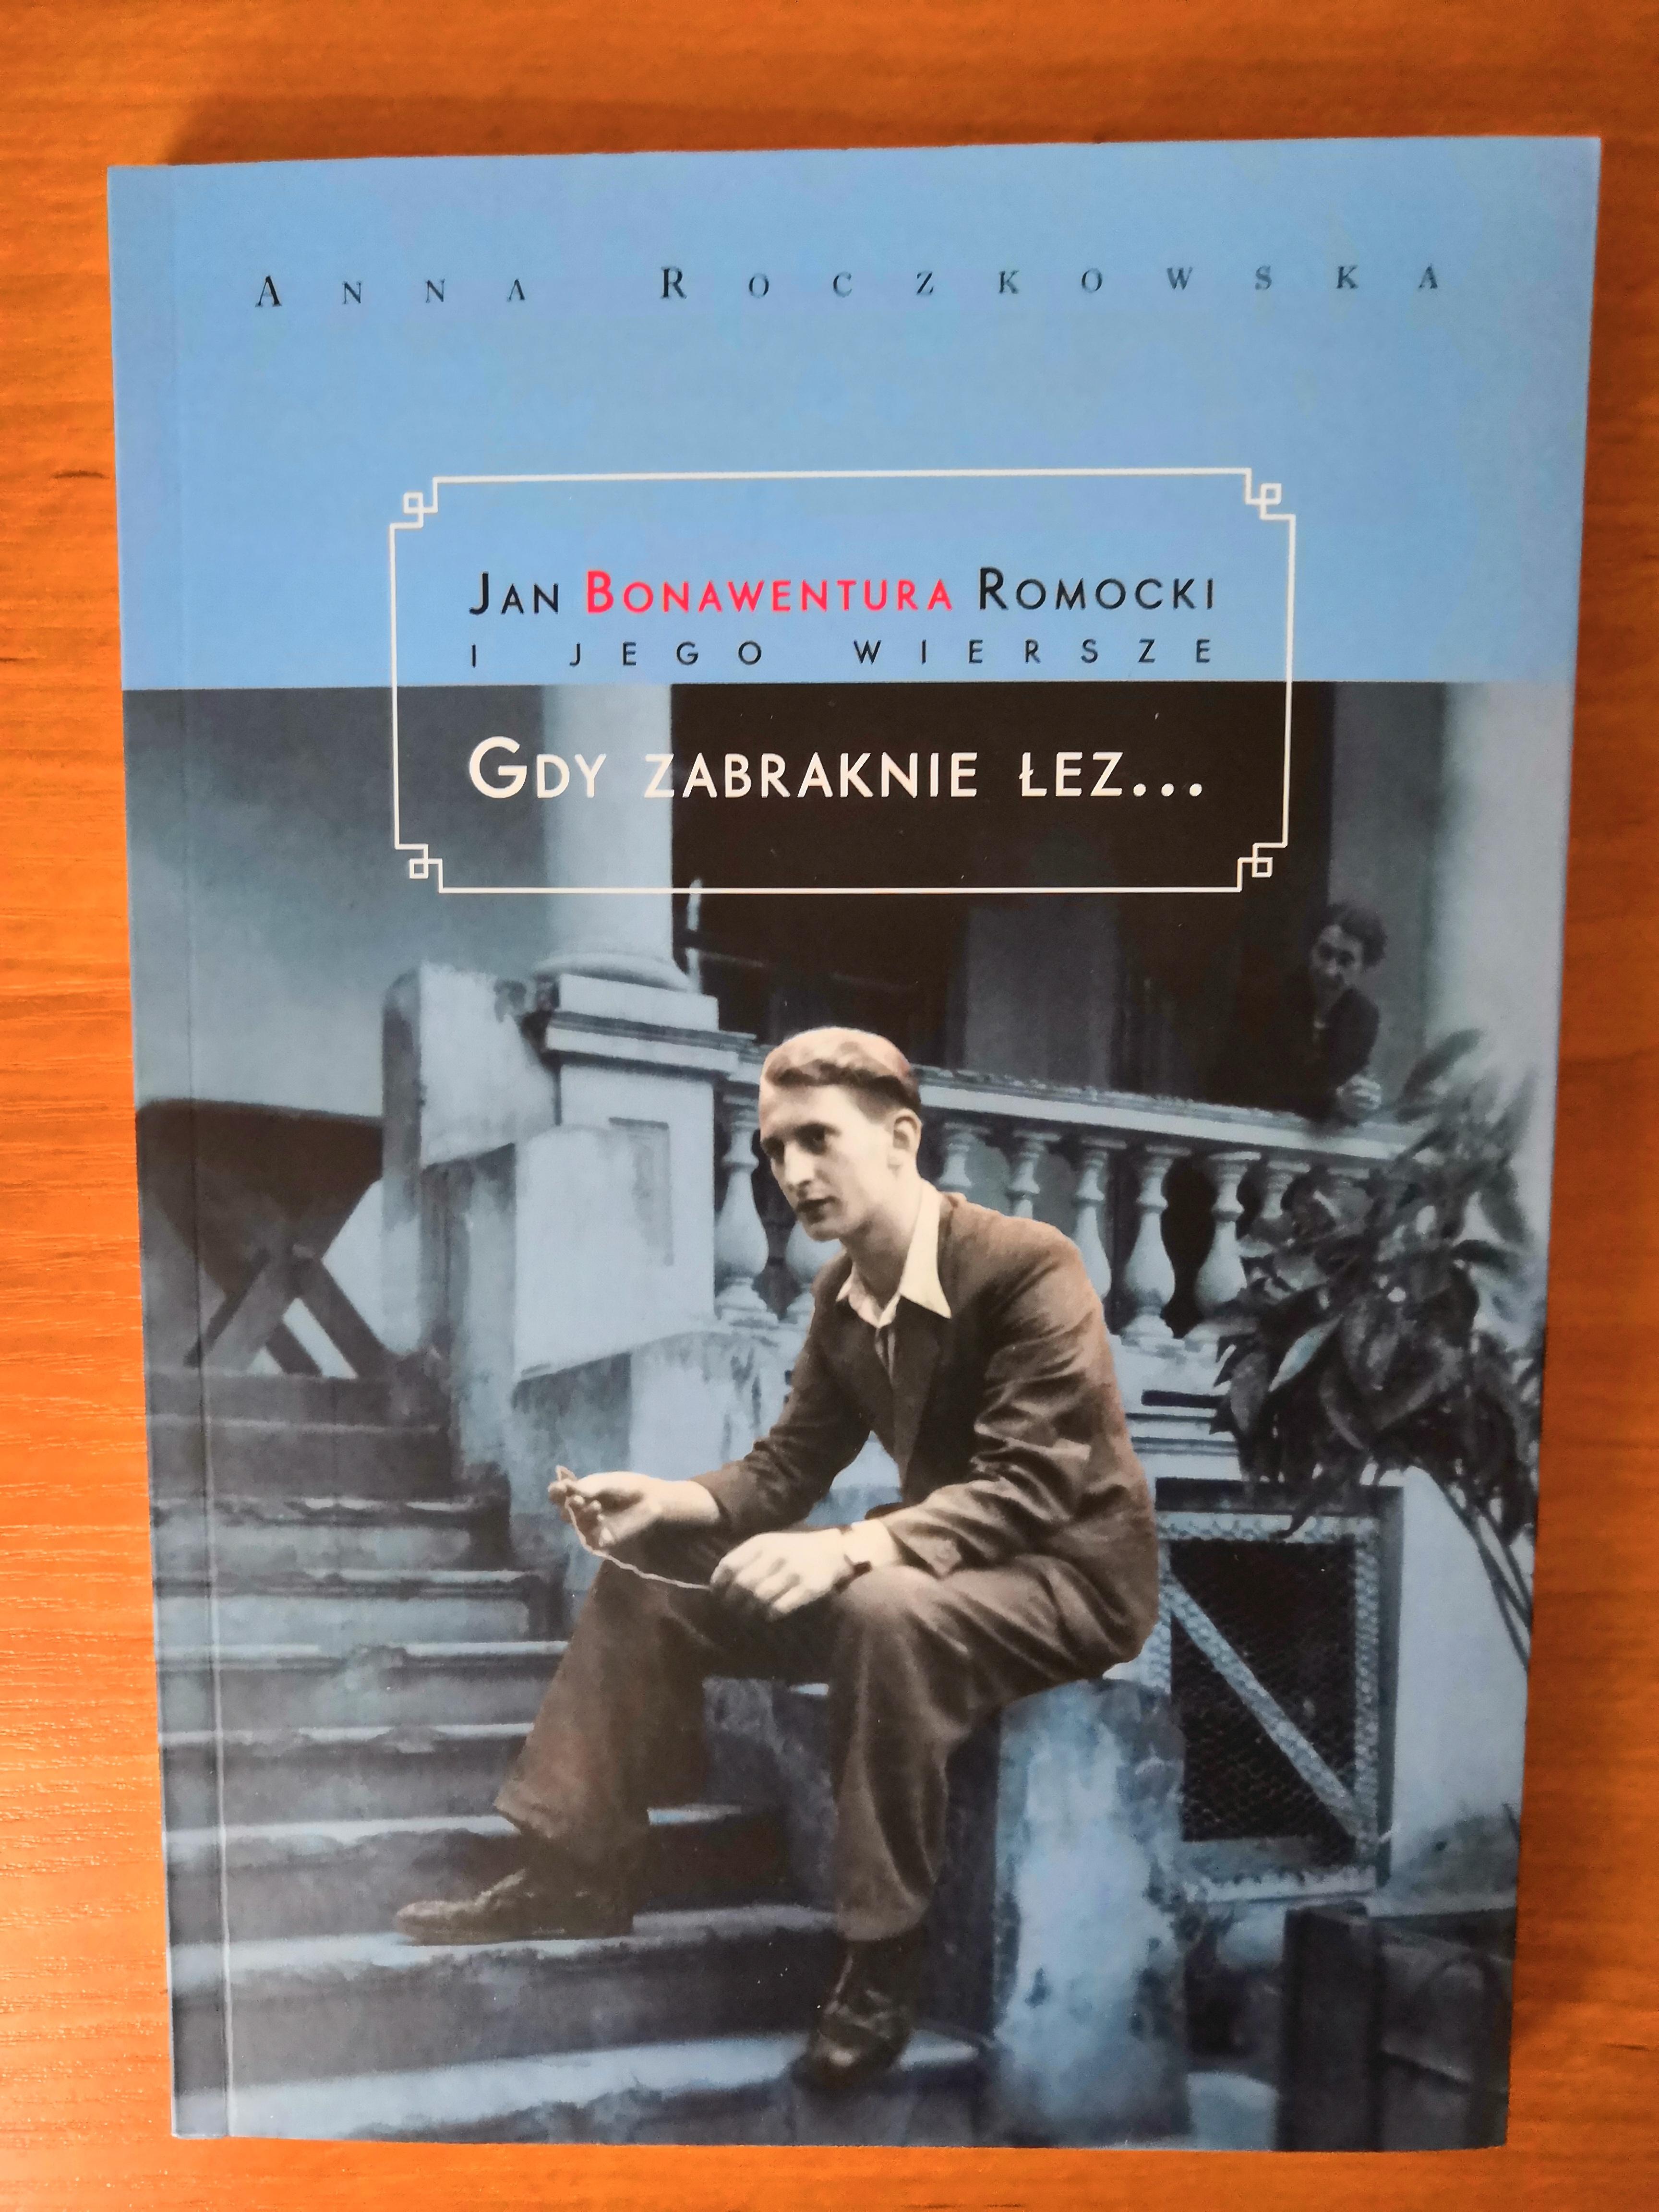 Gdy zabraknie łez Jan Bonawentura Romocki i jego wiersze (A.Roczkowska)